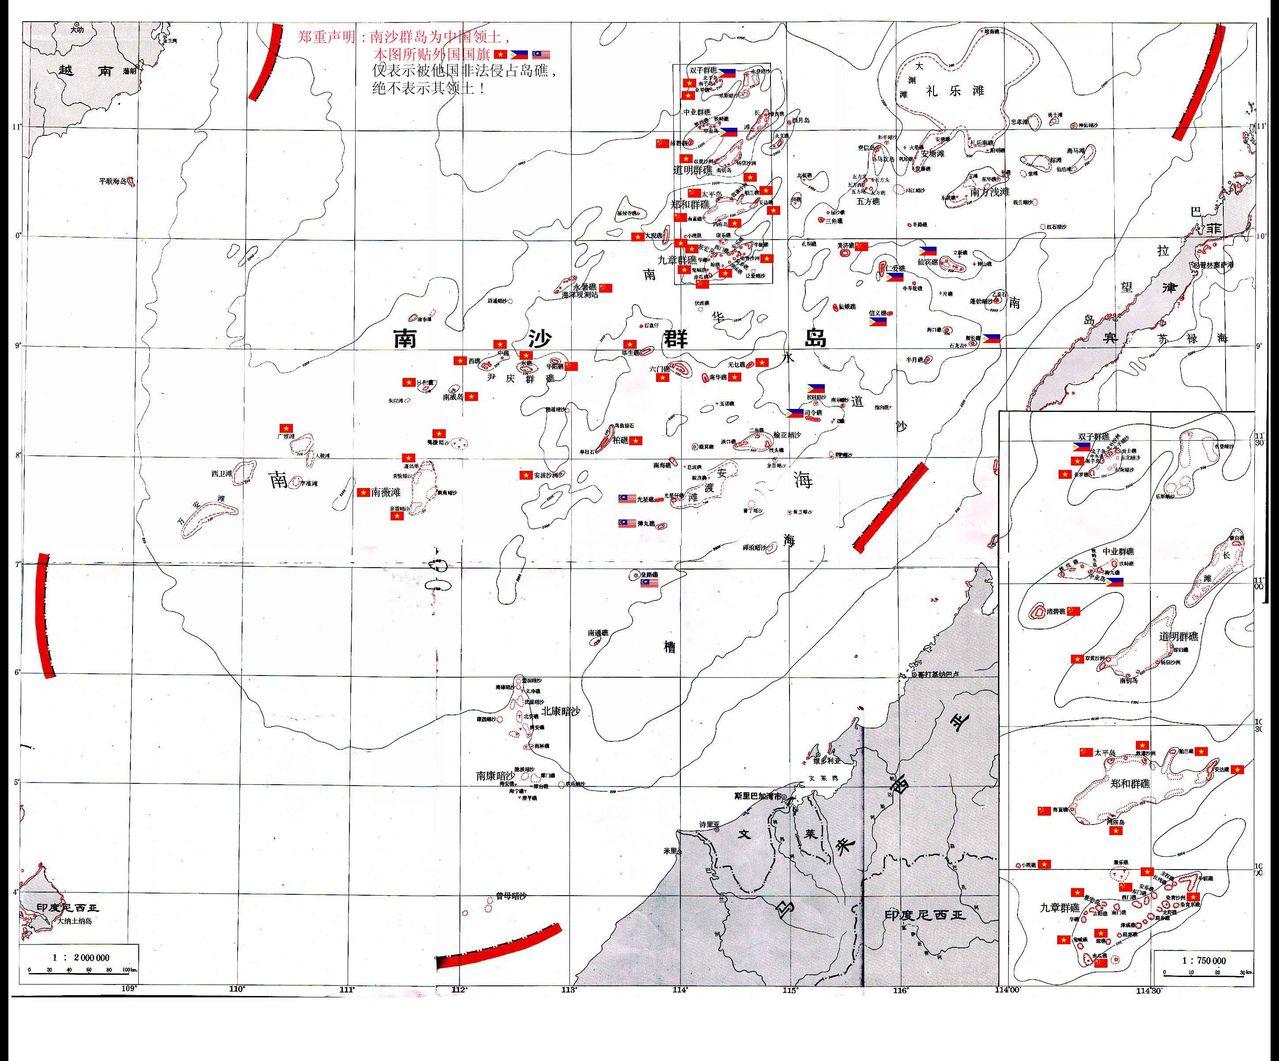 清朝政府将南沙群岛标绘在权威性地图上,对南沙群岛行使行政管辖.图片